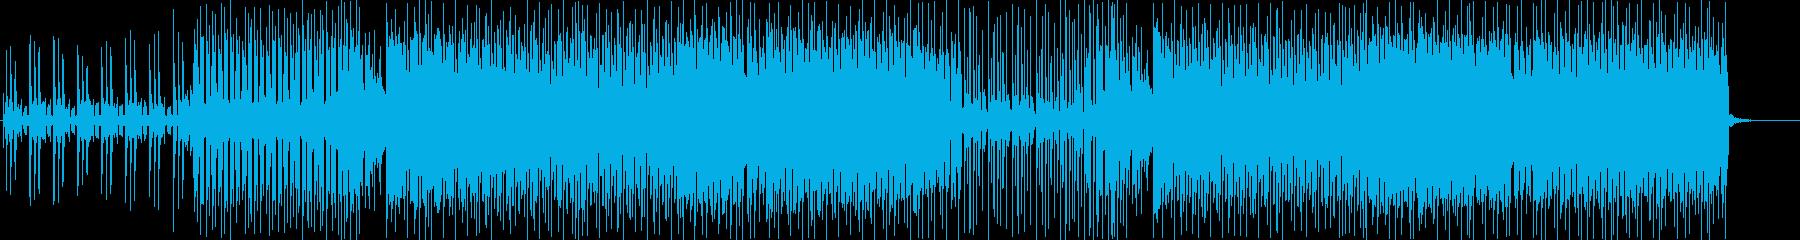 夏・夕日・ビーチ・海・トロピカルハウスの再生済みの波形